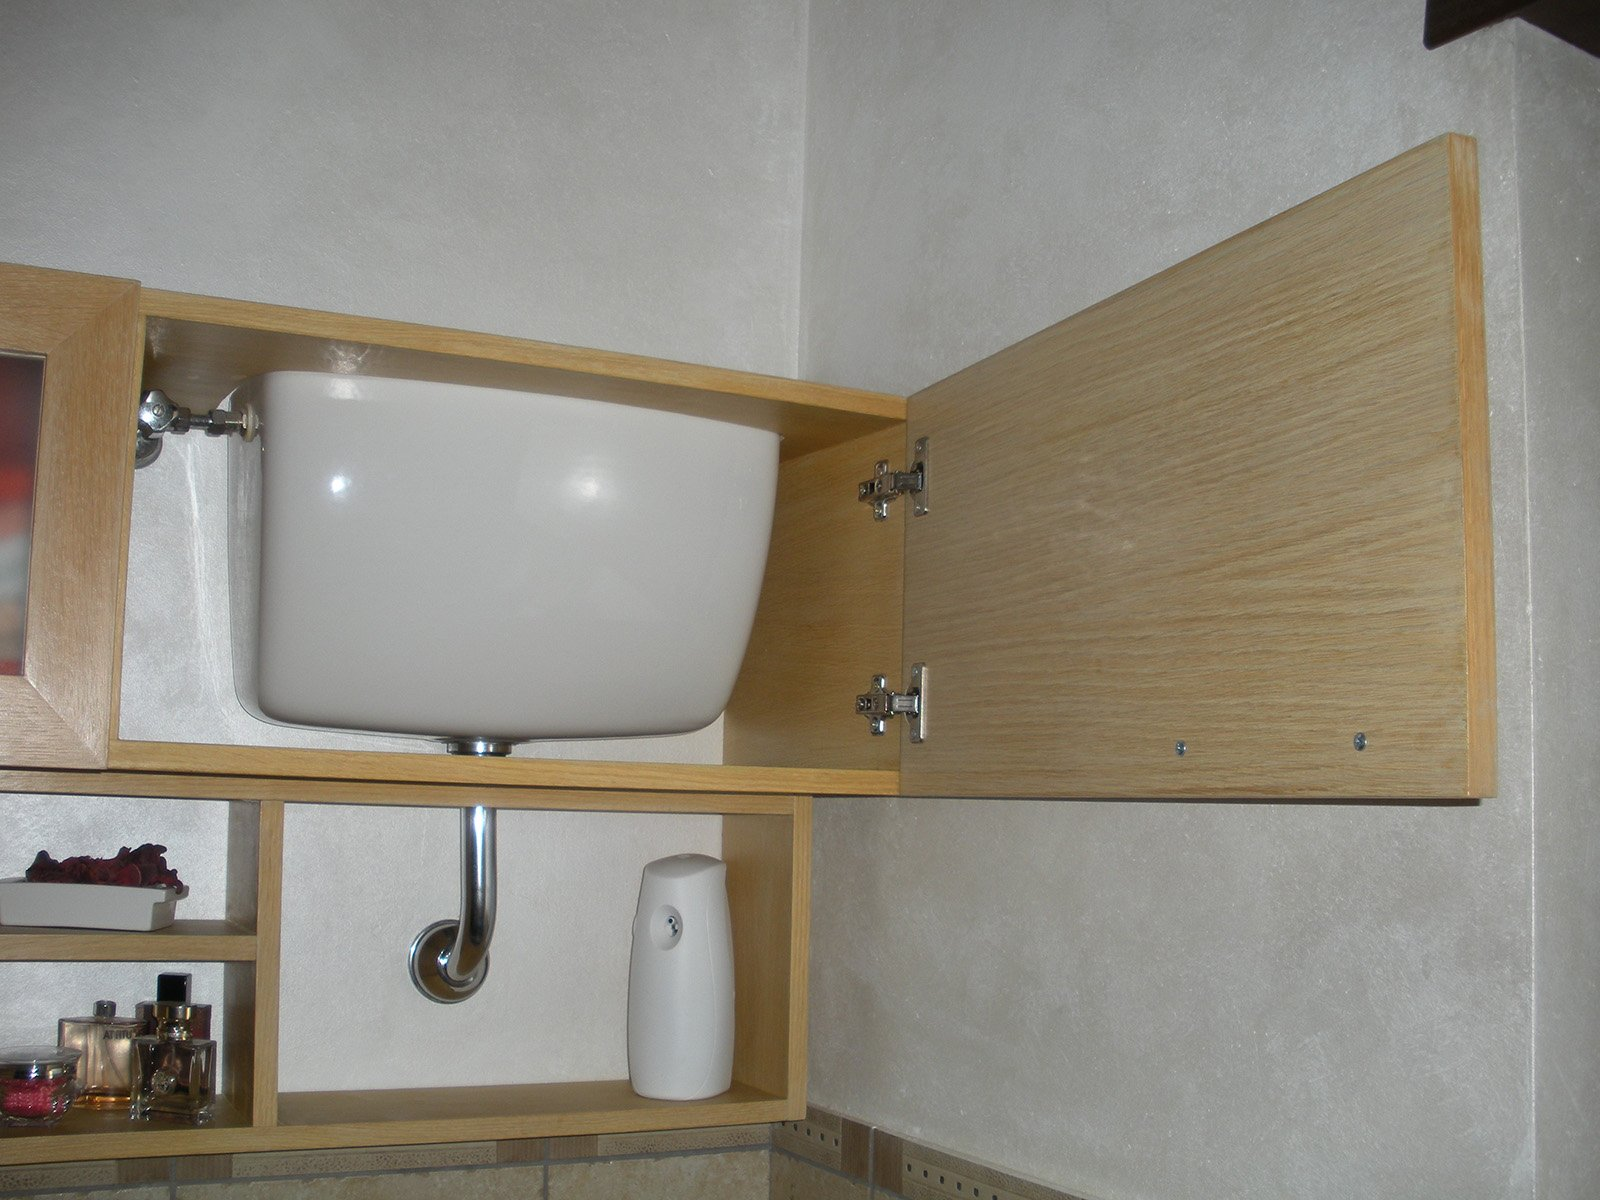 Colasurdo mobile bagno avanzo cose di casa - Bagno di vapore lezaeta fai da te ...